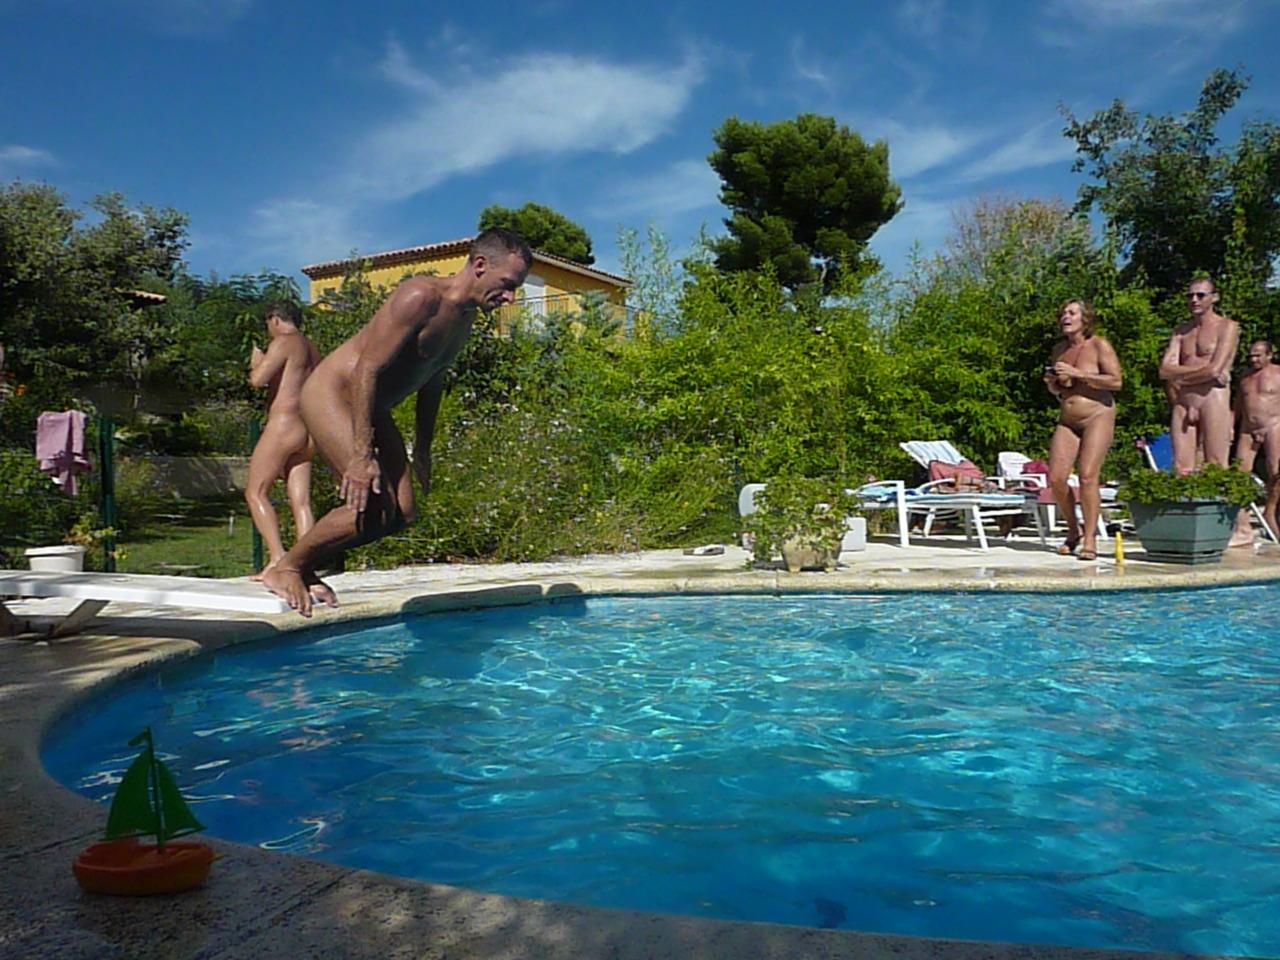 Backyard pool fun